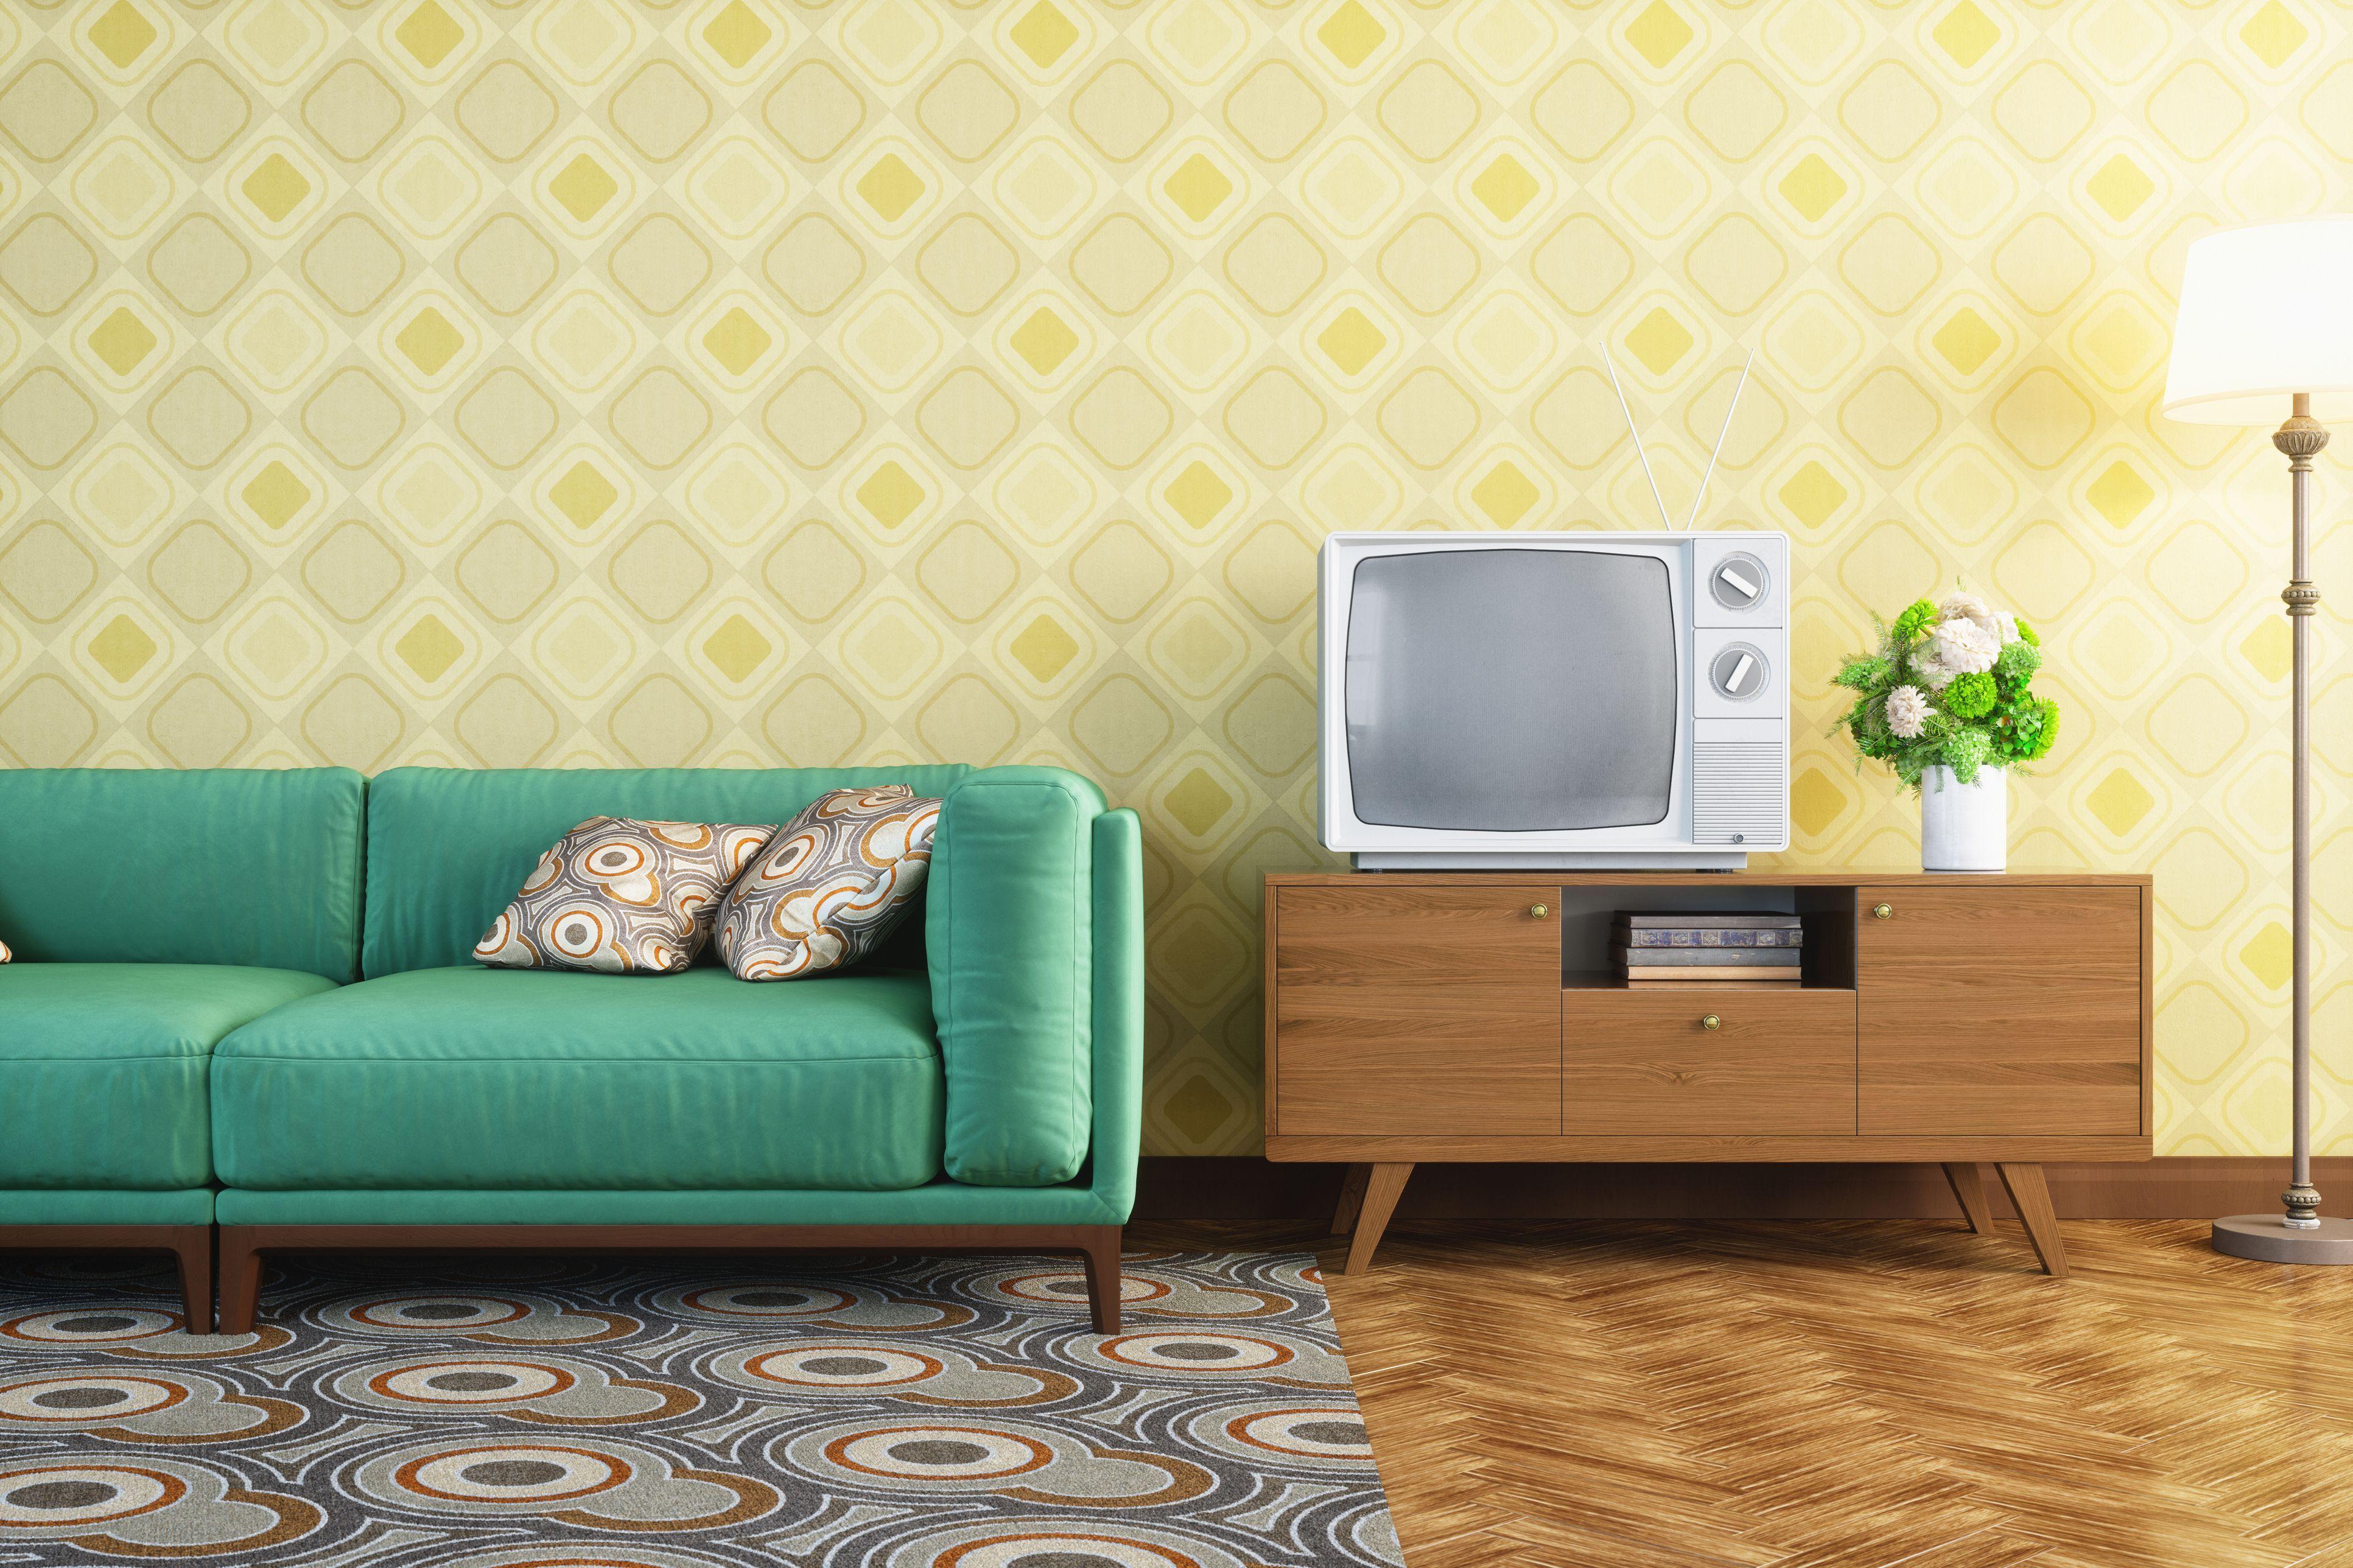 Meubles Vintage Paris Frais Go Retro With Seven Decorating Tips De 15 Impressionnant Retro Living Rooms Retro Living Room Furniture Vintage Living Room Design